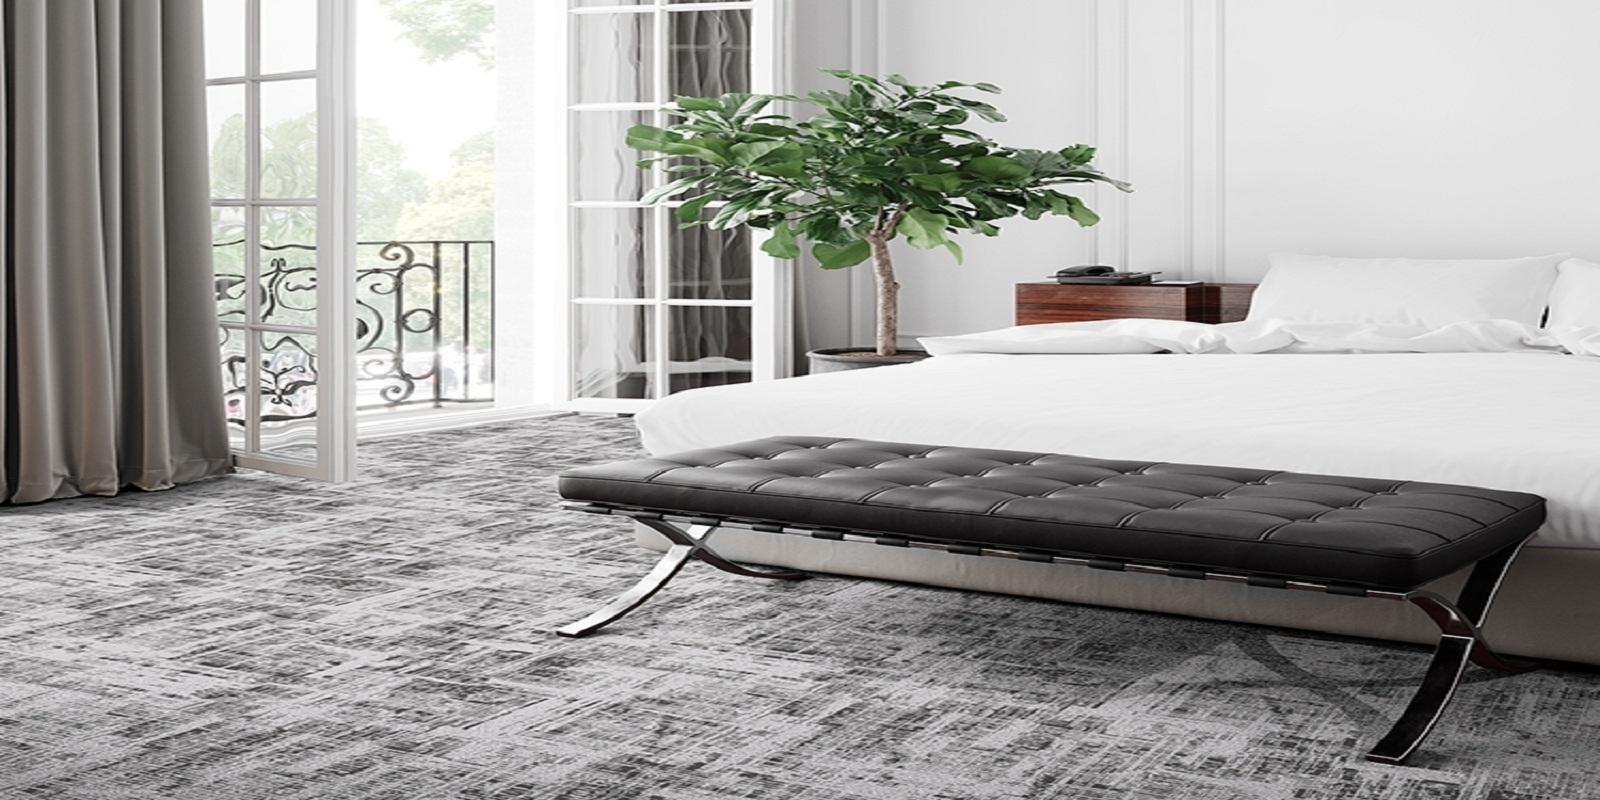 Thảm trải sàn giá rẻ nhất tại tphcm